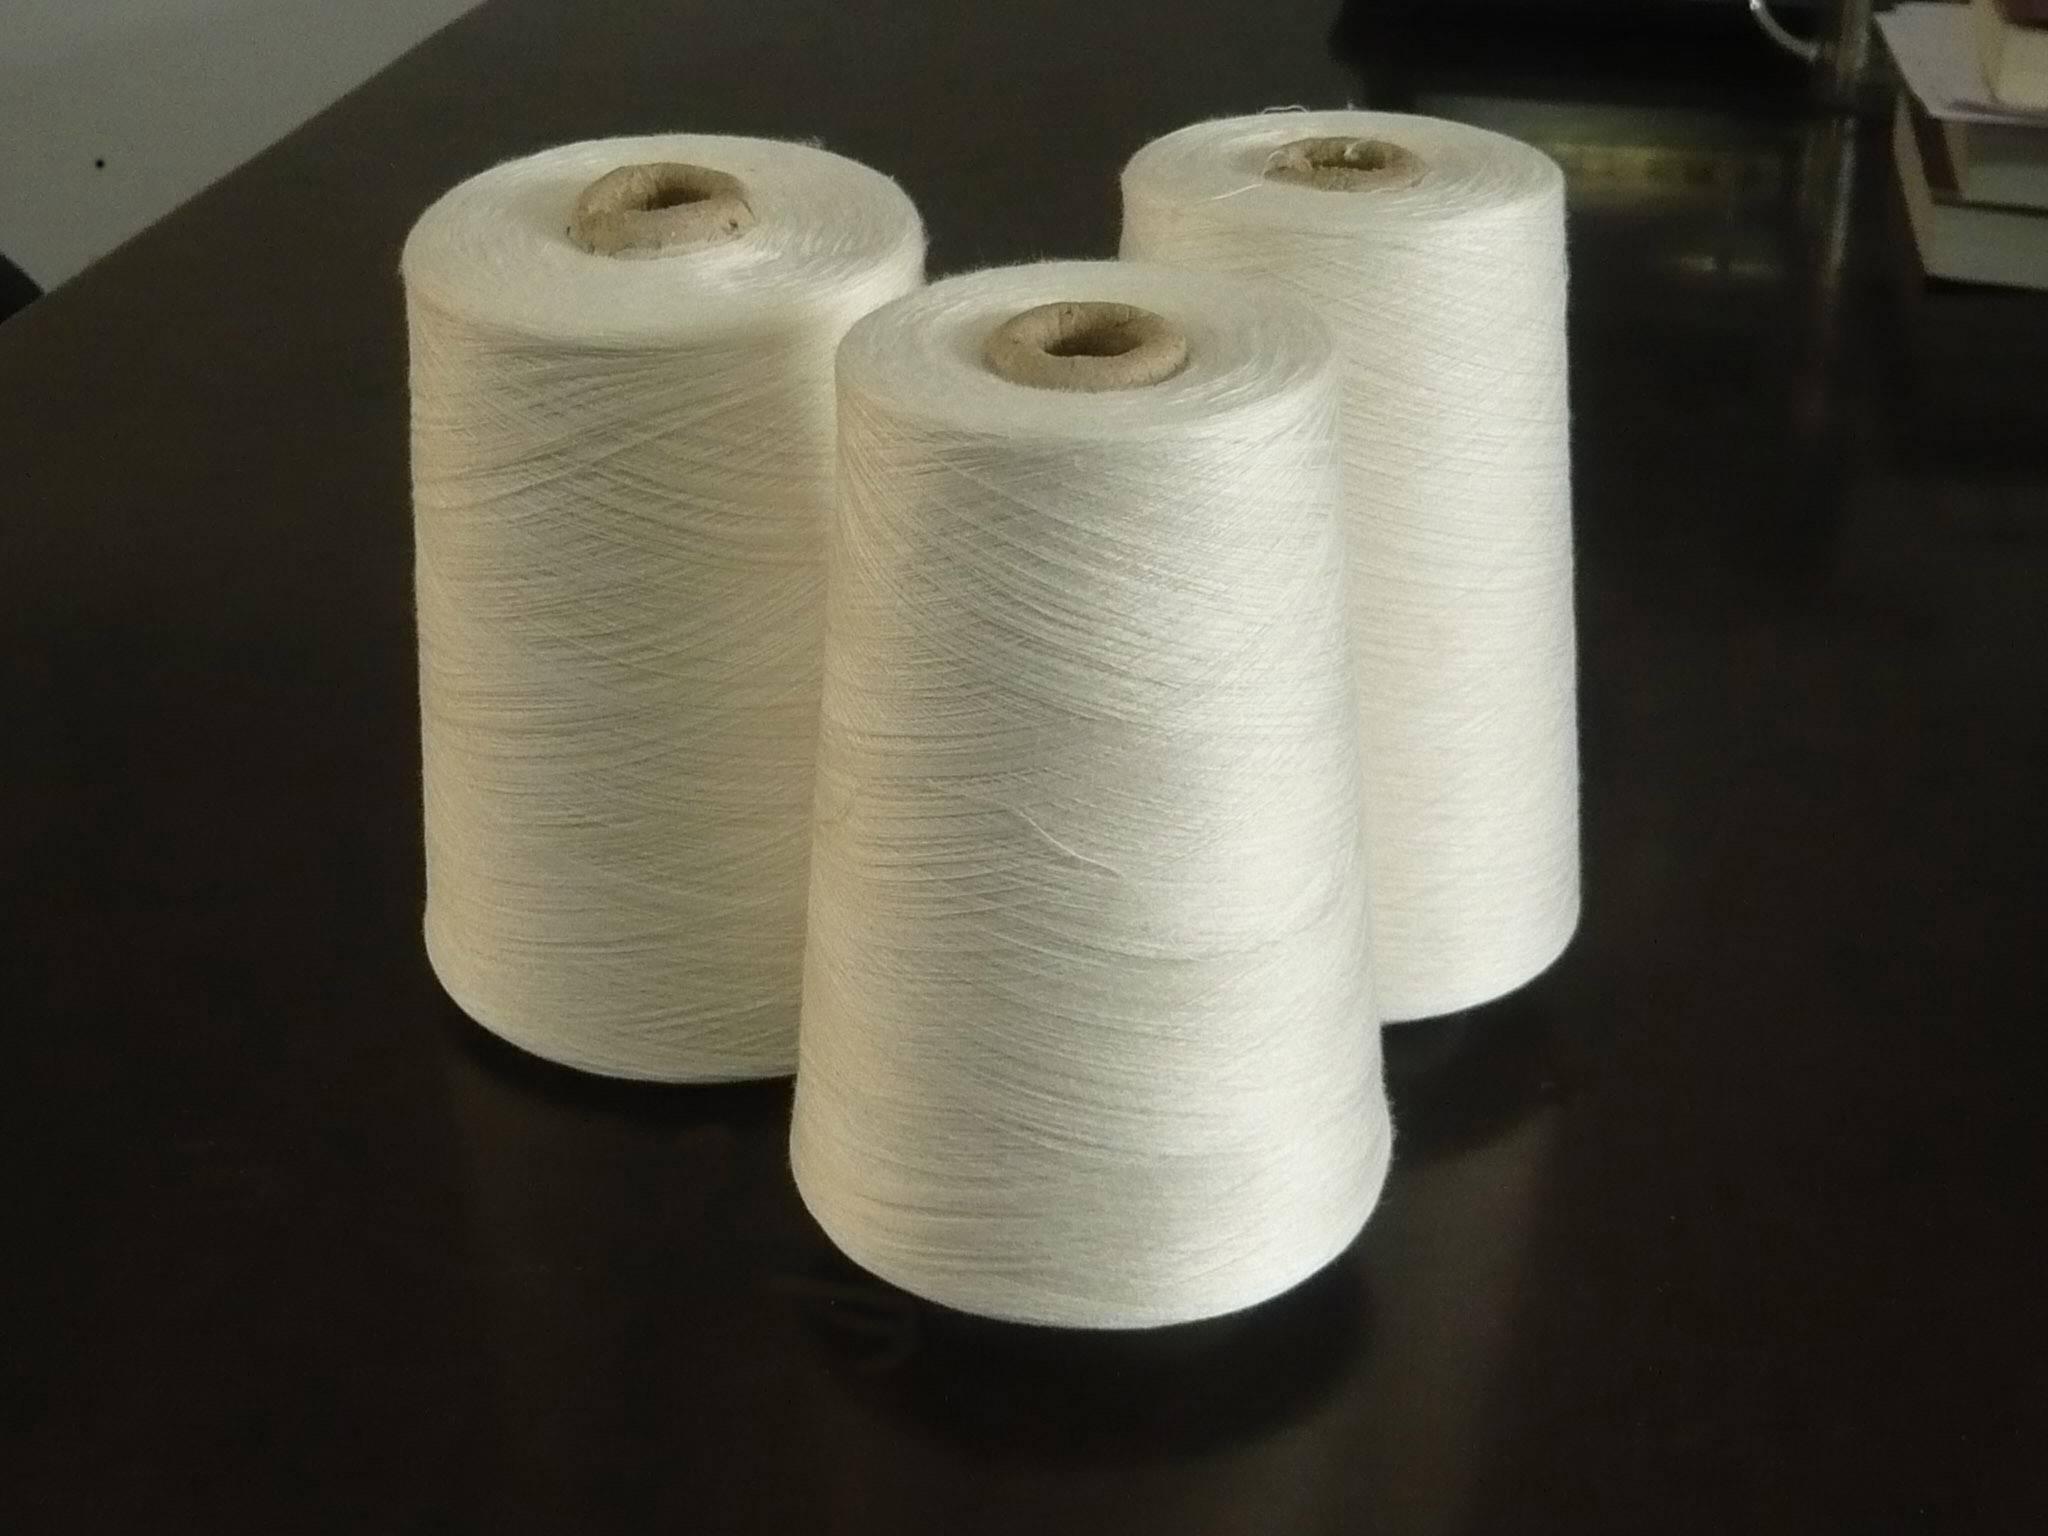 80s water-soluble PVA fiber